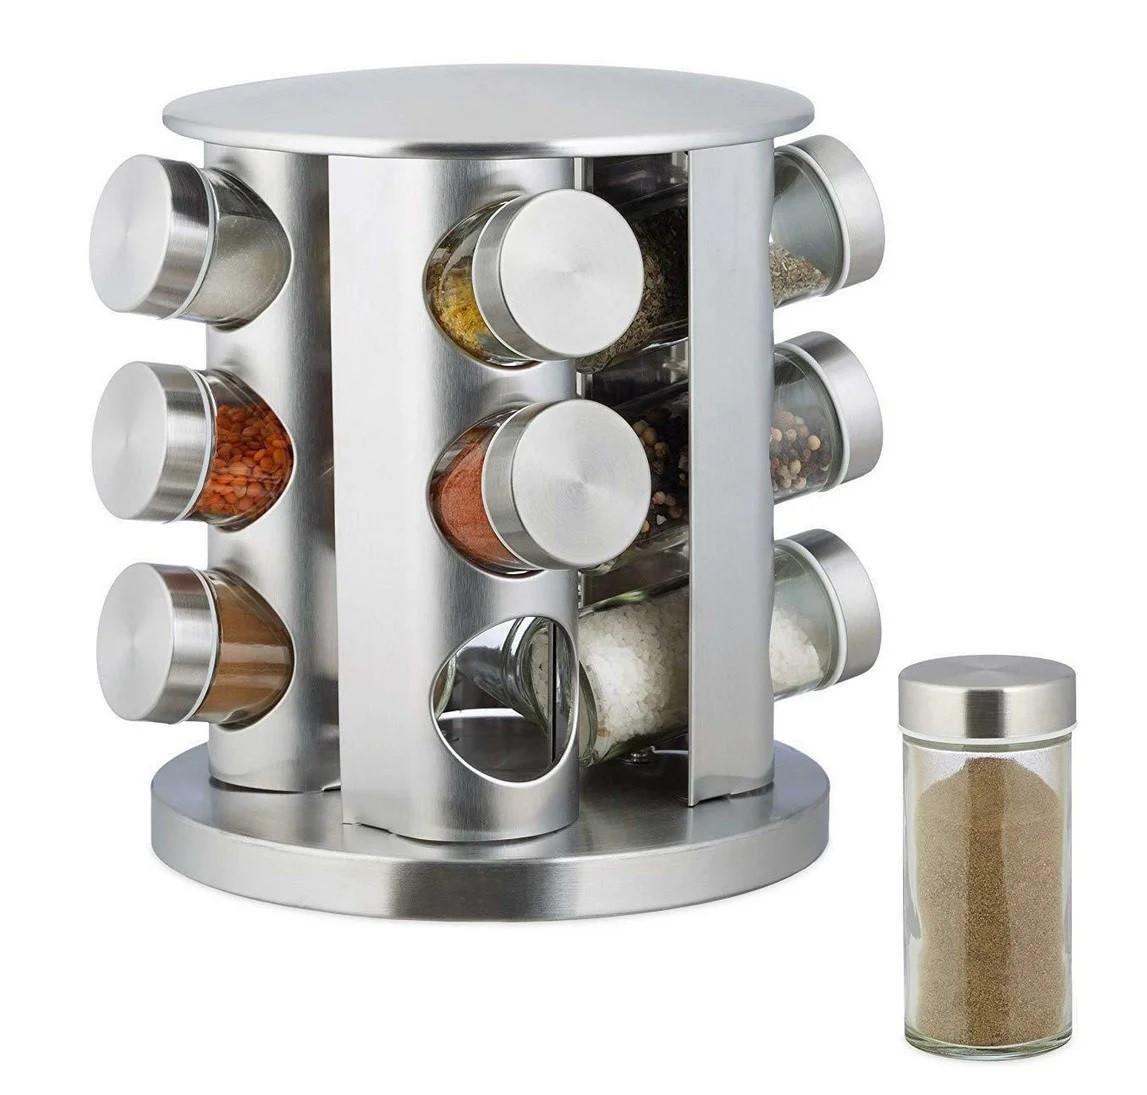 Набір ємностей баночок для спецій на підставці, що обертається карусель 12 шт Spice Carousel сталевий